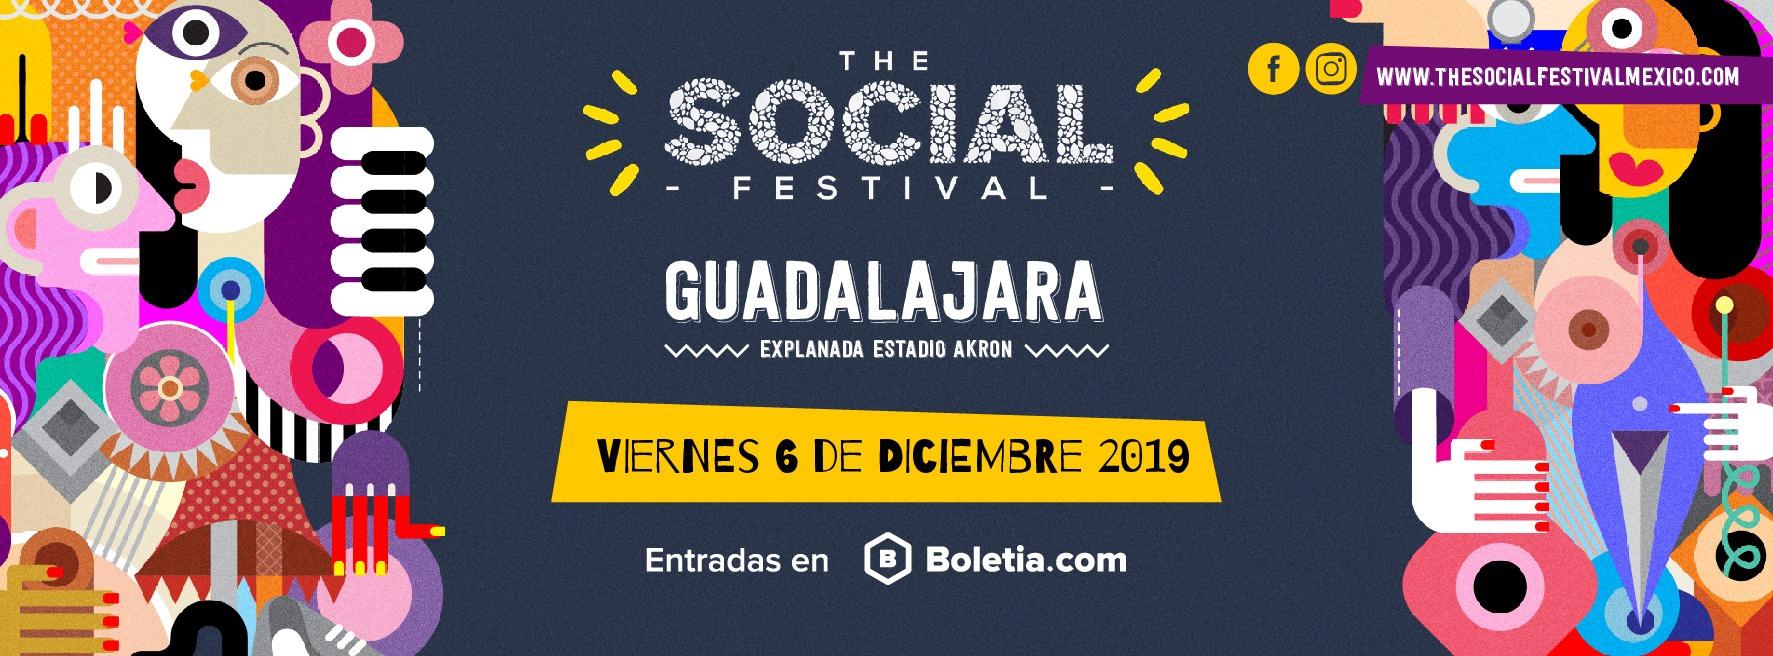 The Social Festival - 6 de diciembre en Estadio Akron